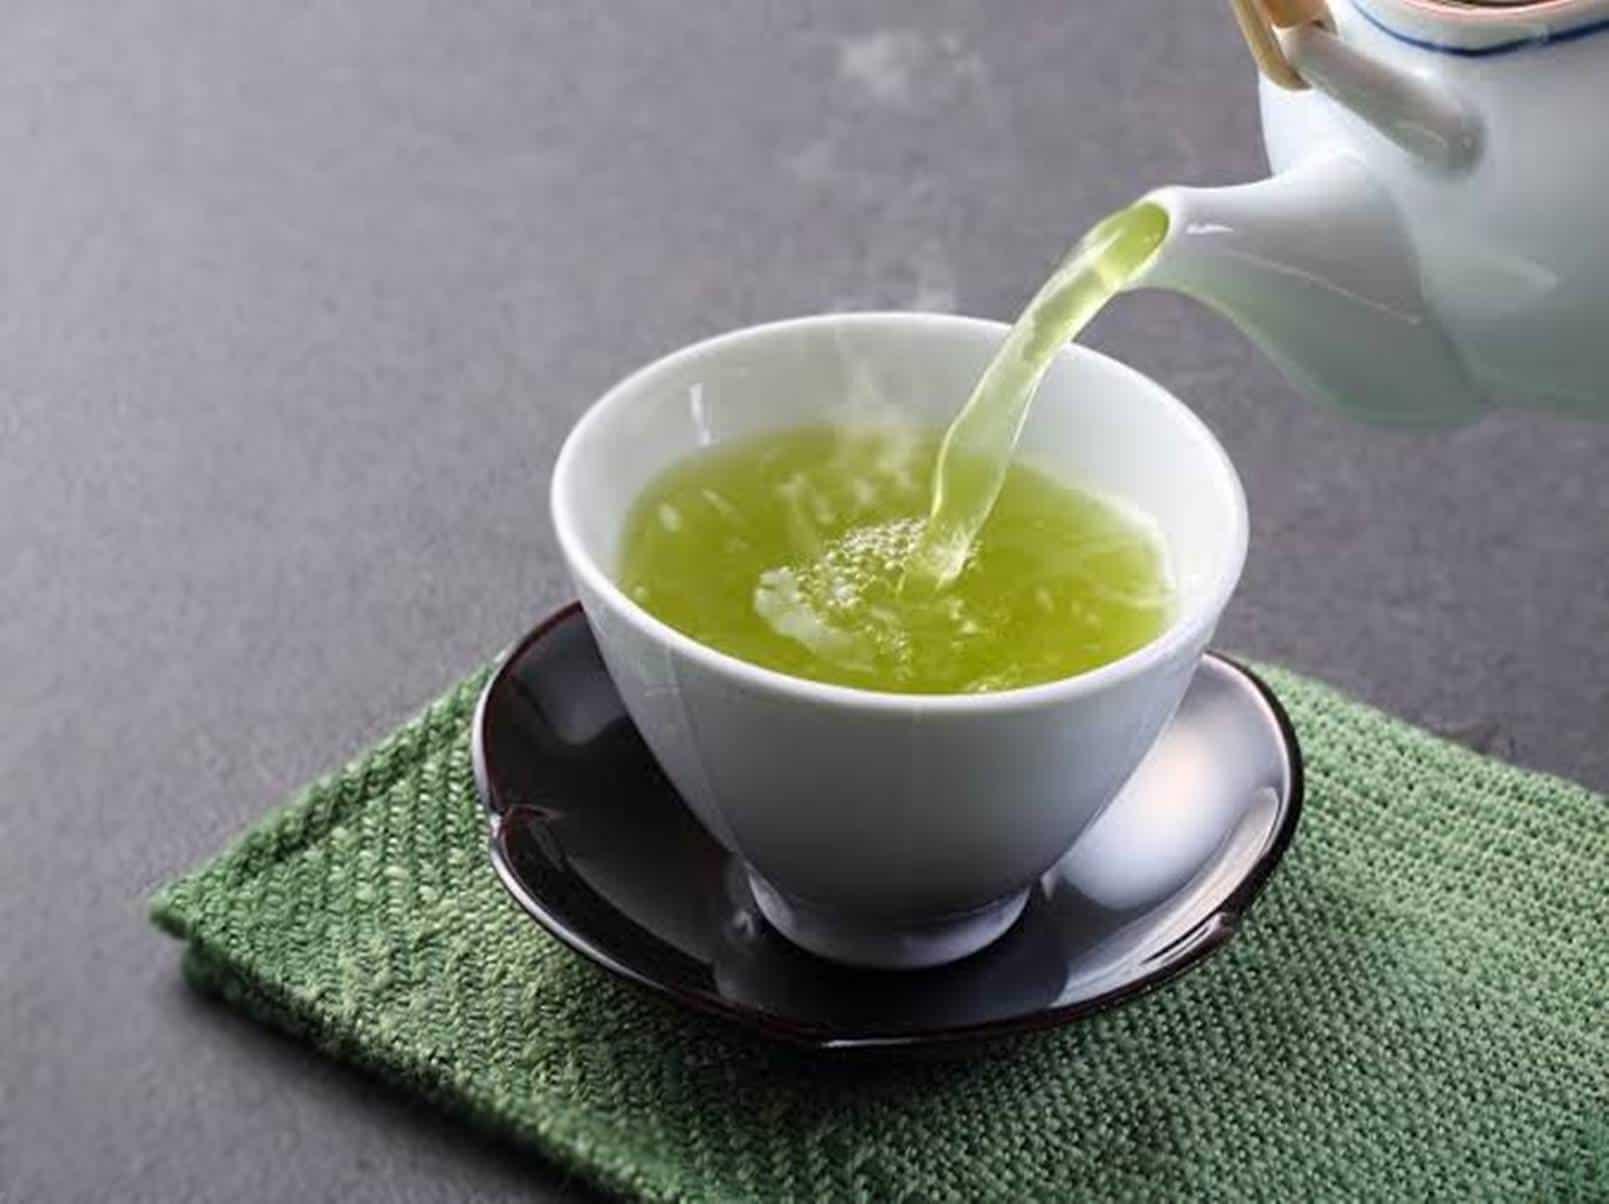 Forma correta de tomar chá verde para queimar gordura e emagrecer